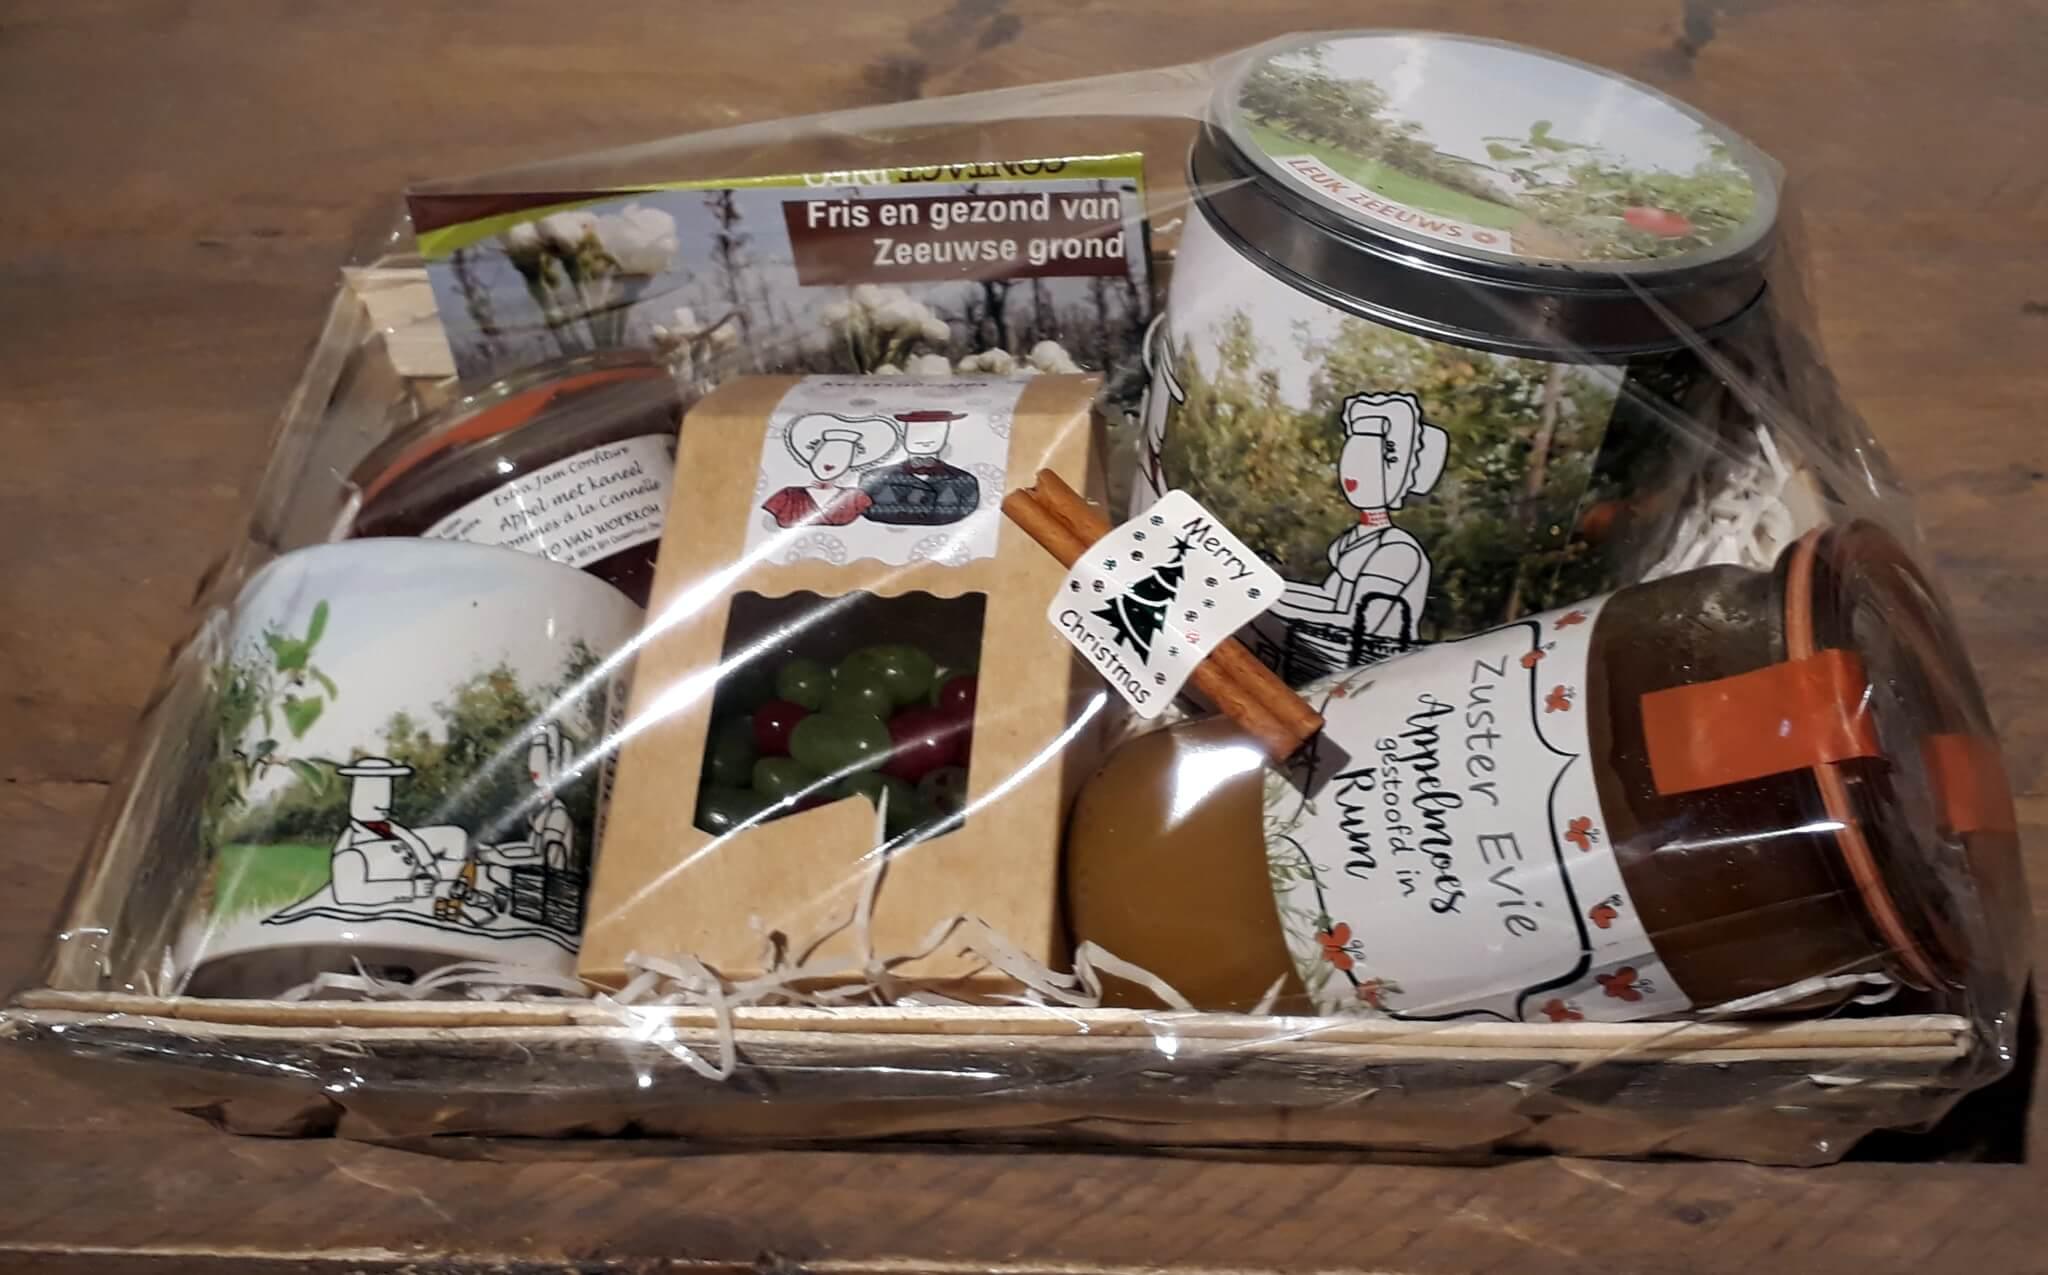 Fruitbedrijf van den Berge kerstpakketten 2018 06